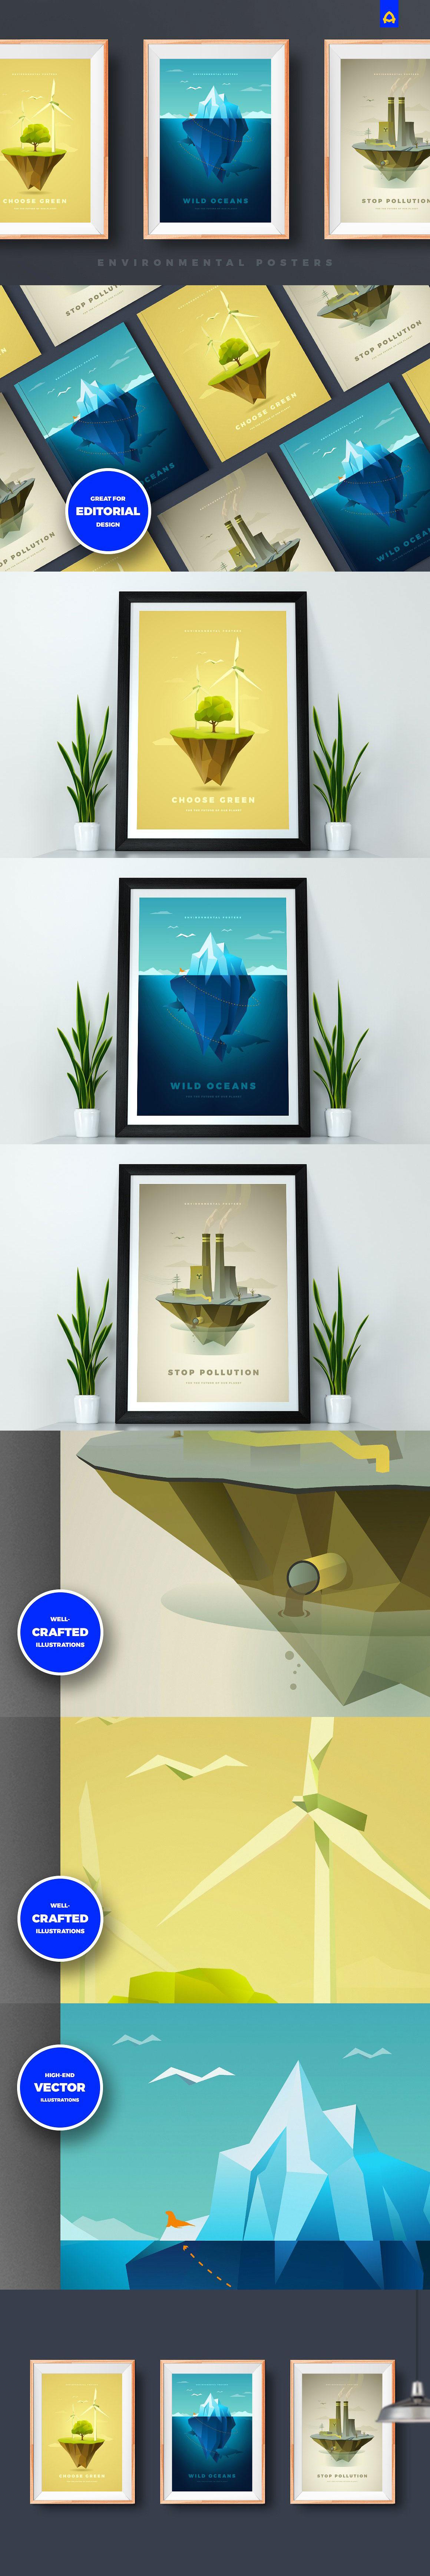 极简主义环保主题的海报模版下载[Ai]设计素材模板